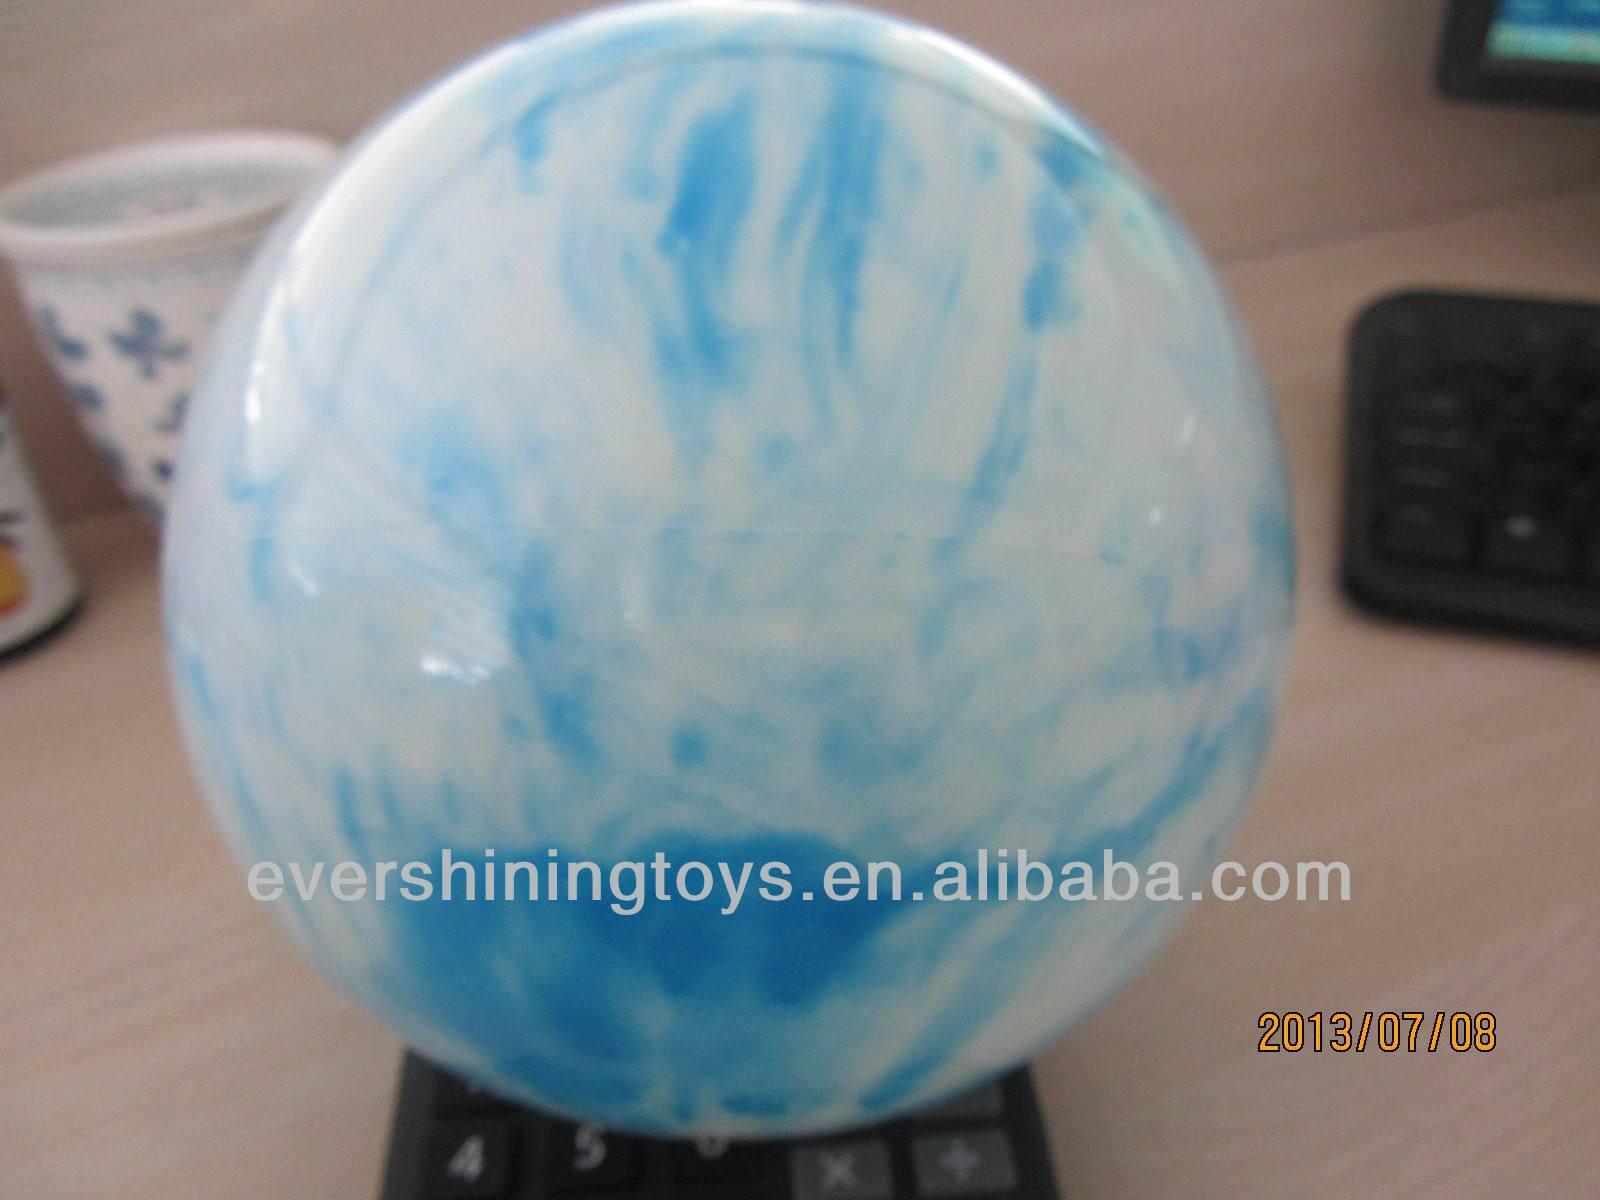 Bóng Đá Cẩm Thạch Nhựa Pvc / Cloud Bóng / Bouncing - Buy Quả Bóng Đá Cẩm  Thạch Nhựa Pvc,Cầu Vồng Bóng,Bóng Cao Bouncing